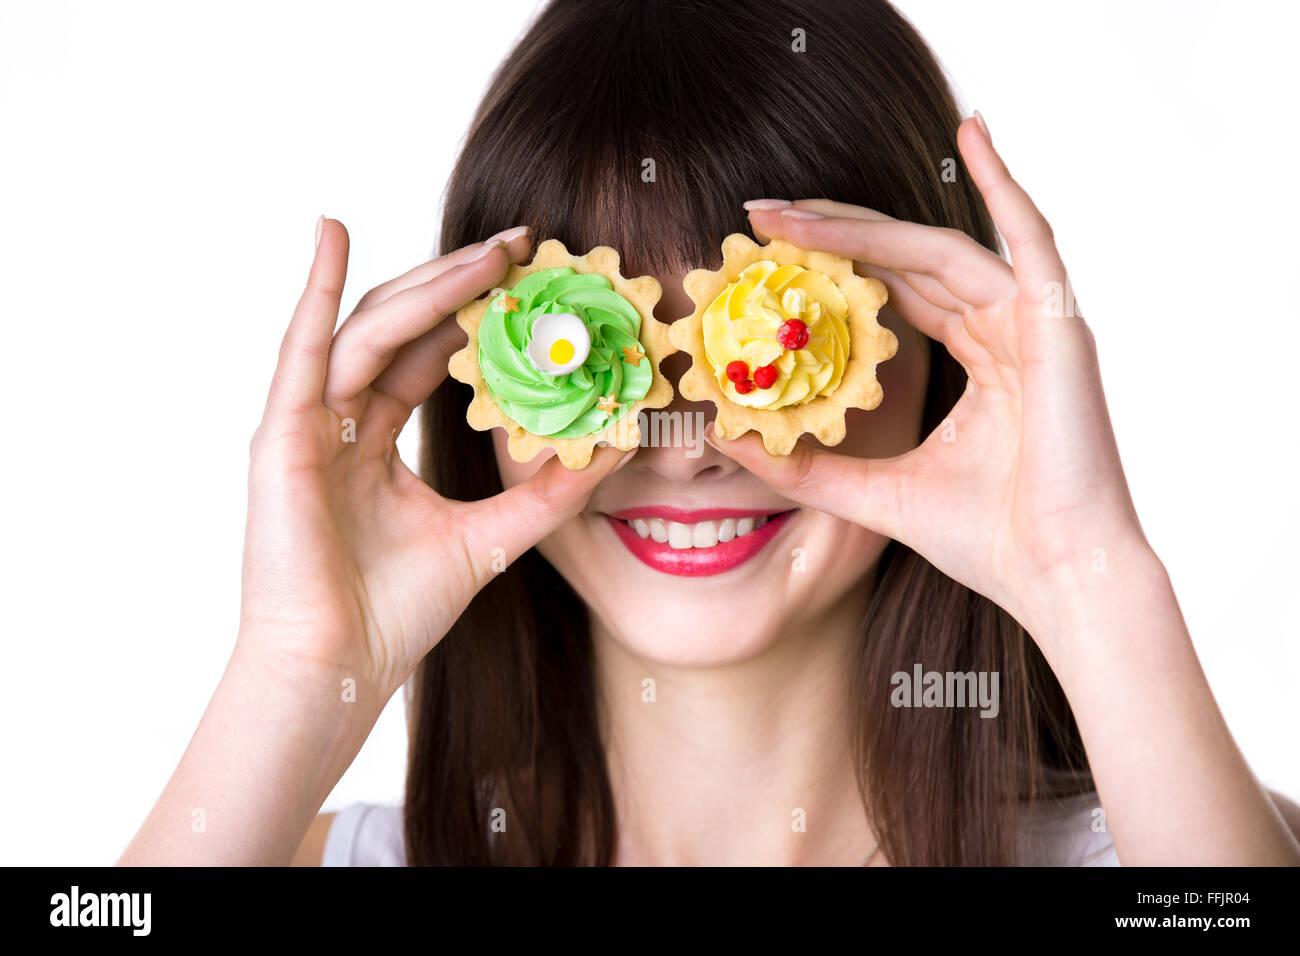 Kopfschuss Porträt junge lächelnde Frau mit zwei herben Sahnetorten in Teig Körbe, herumalbern, mit Keksen als Augen Stockfoto